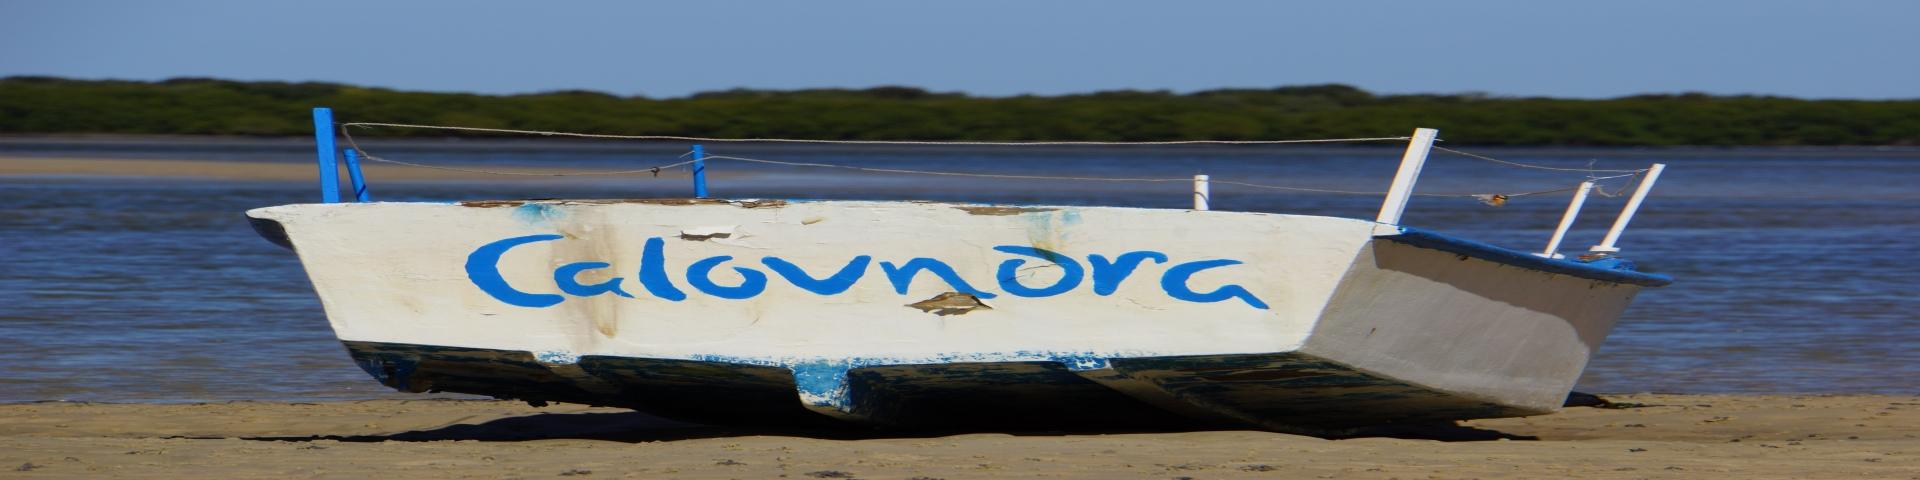 Caloundra Boat